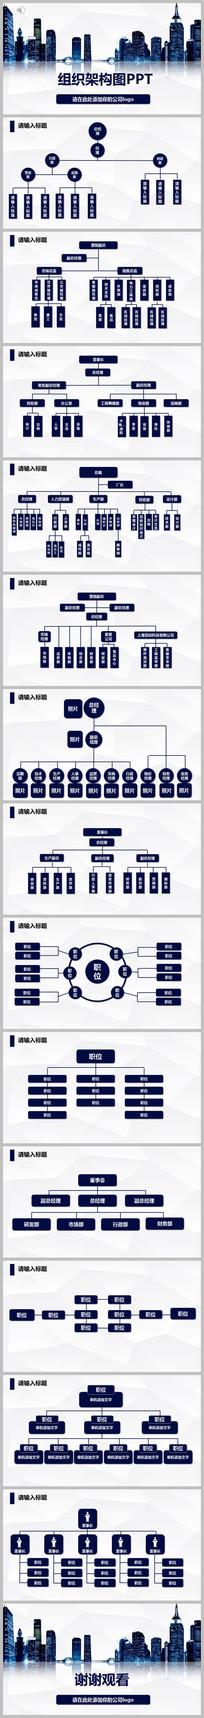 公司介绍企业组织架构图ppt